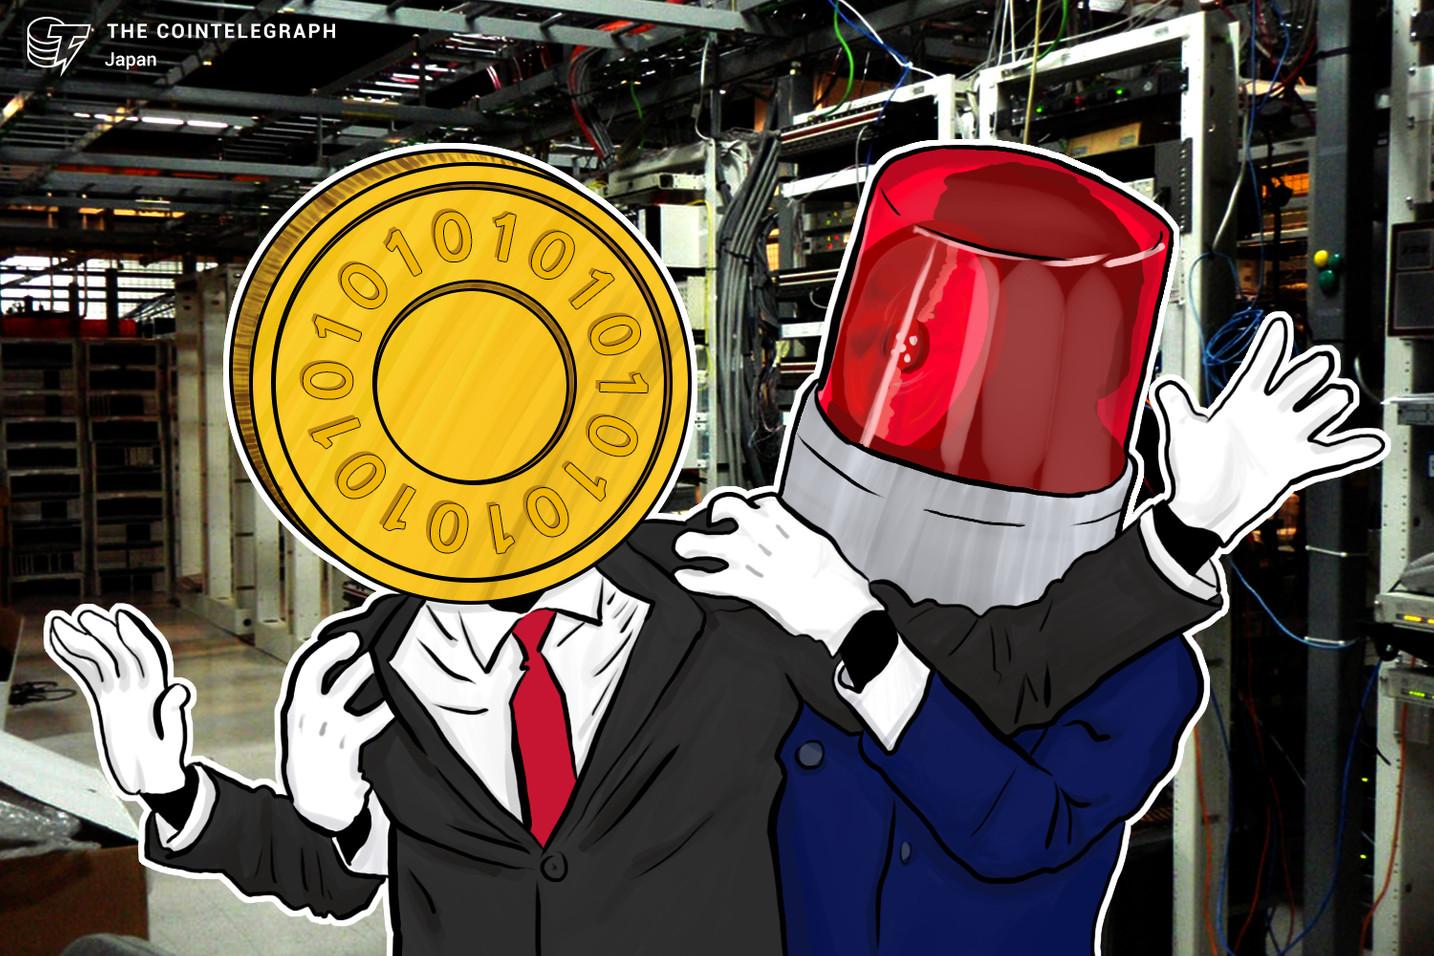 昨年の仮想通貨流出額は6.6億円、フィッシング詐欺が増加